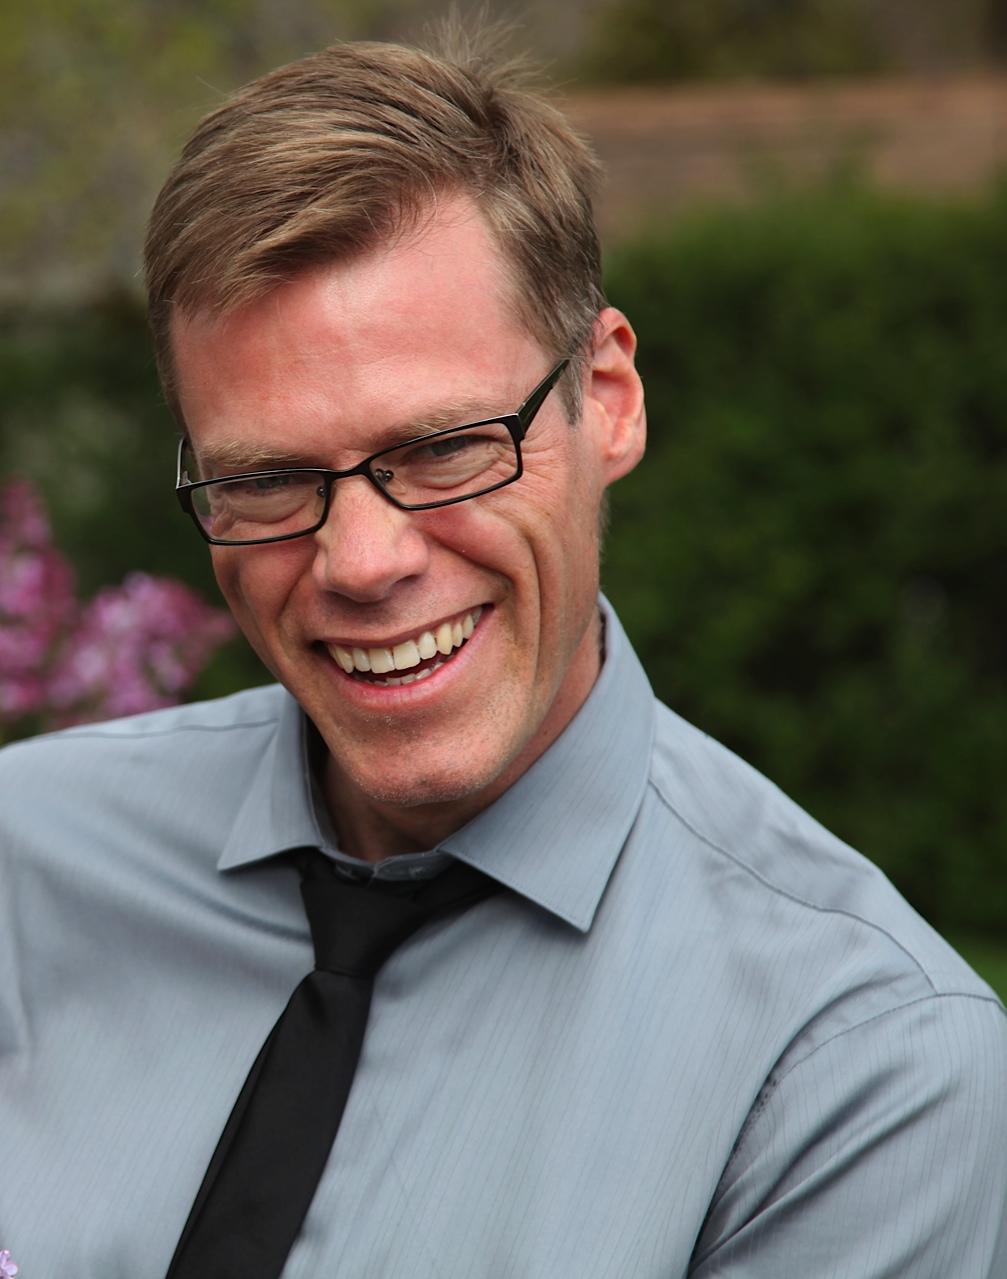 Professor Randall Eggert